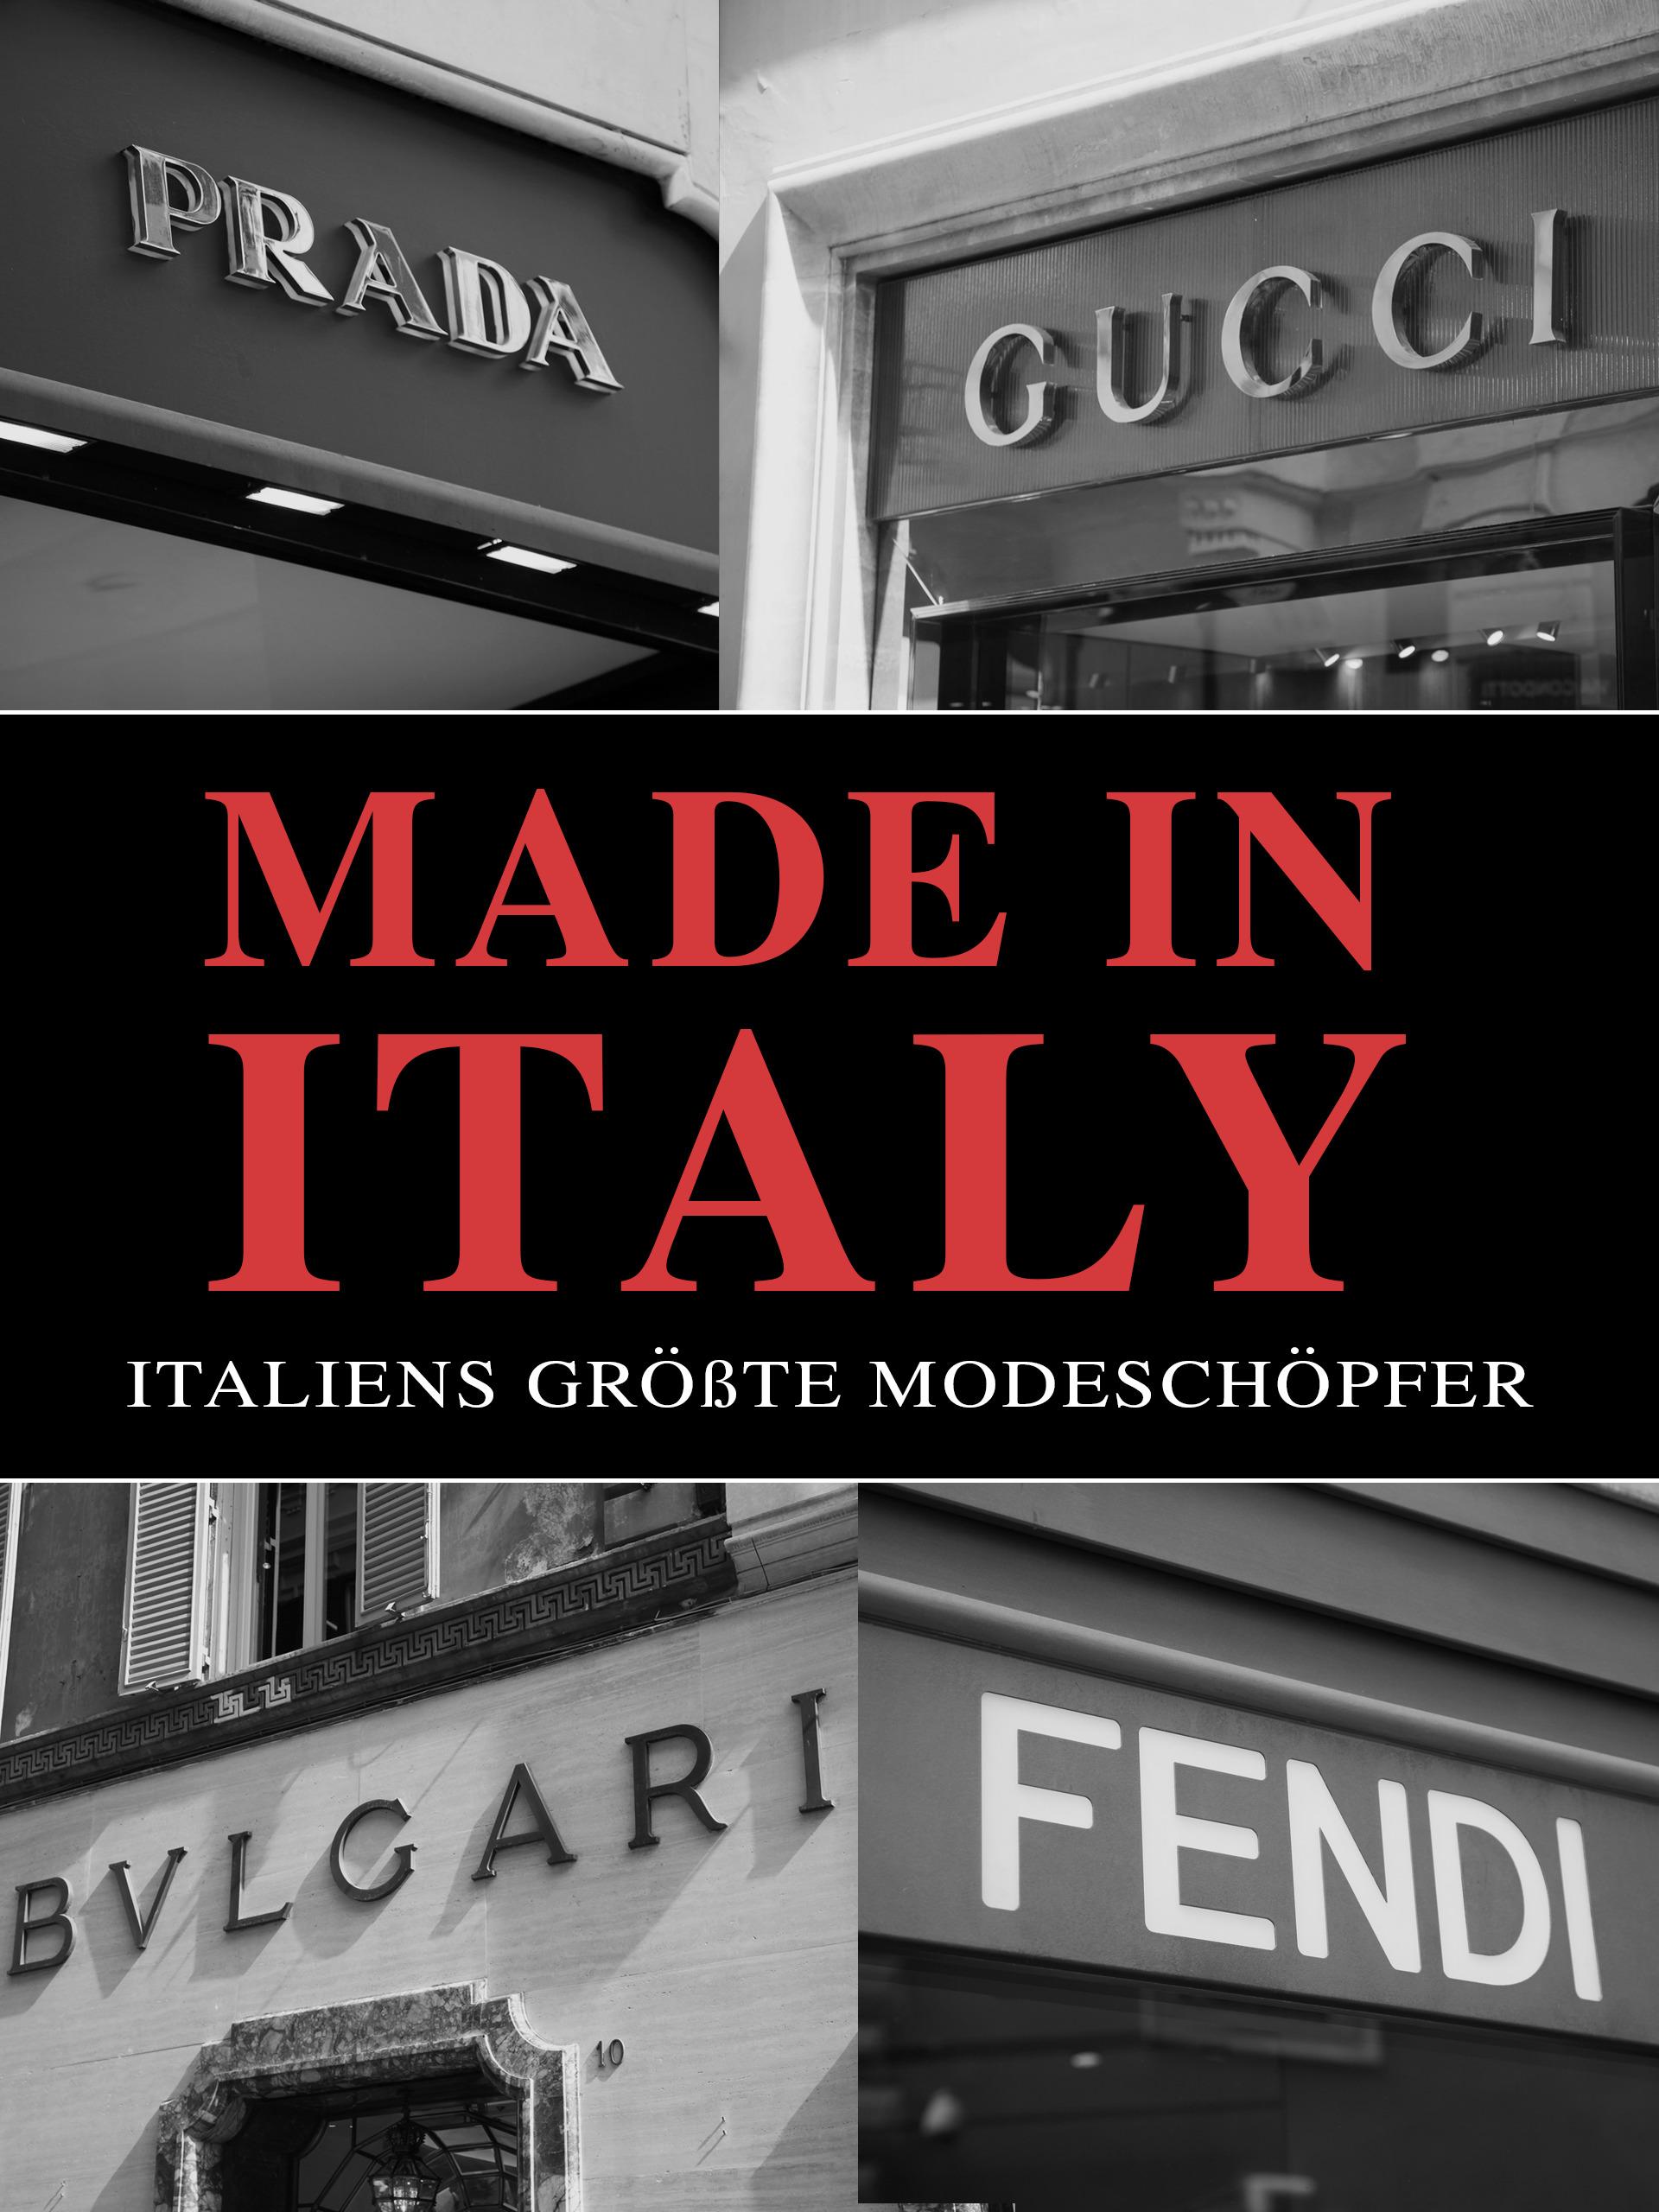 Made in Italy - Italiens größte Modeschöpfer